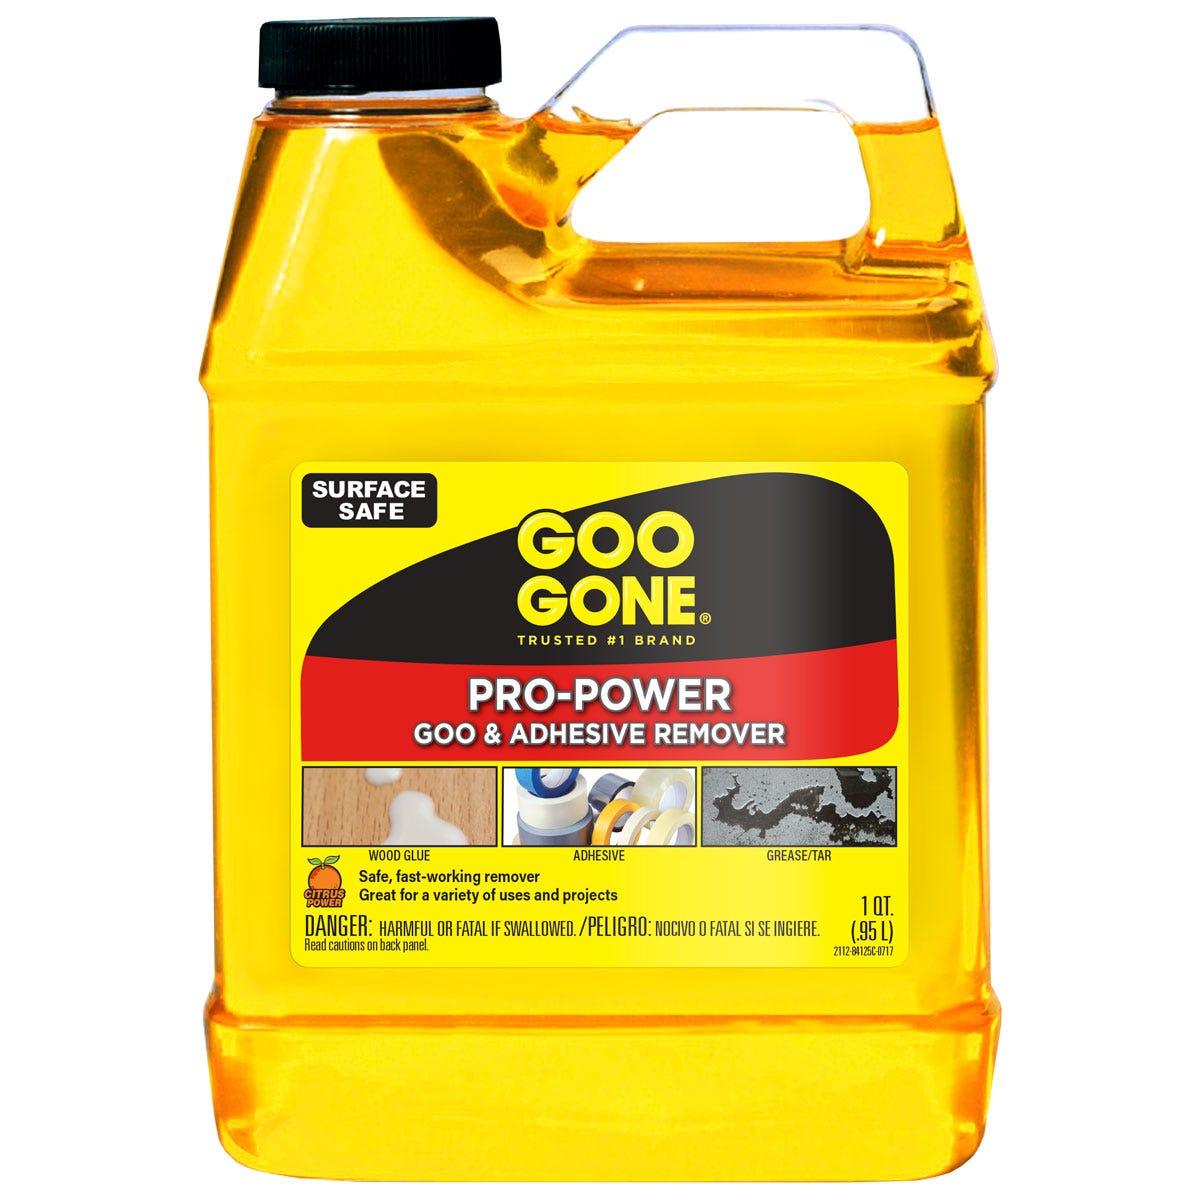 https://googone.com/media/catalog/product/p/r/pro-power-refillable-bottle_front.jpg